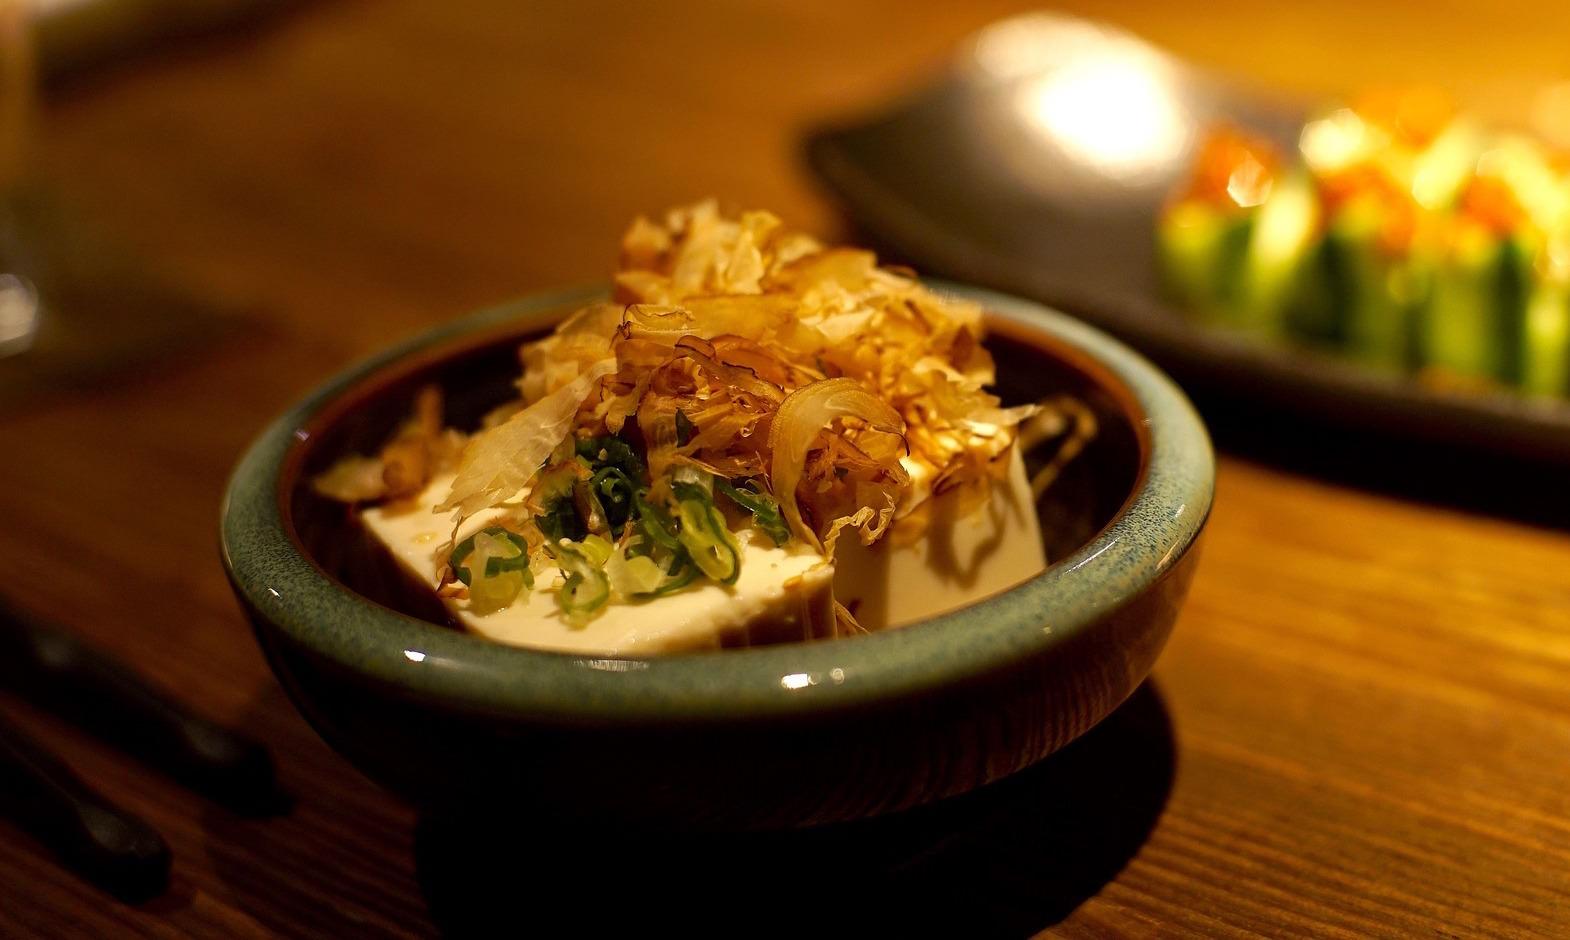 「柴魚到底是什麼魚?」日式料理的靈魂,85%的人都不知道柴魚怎麼來的!